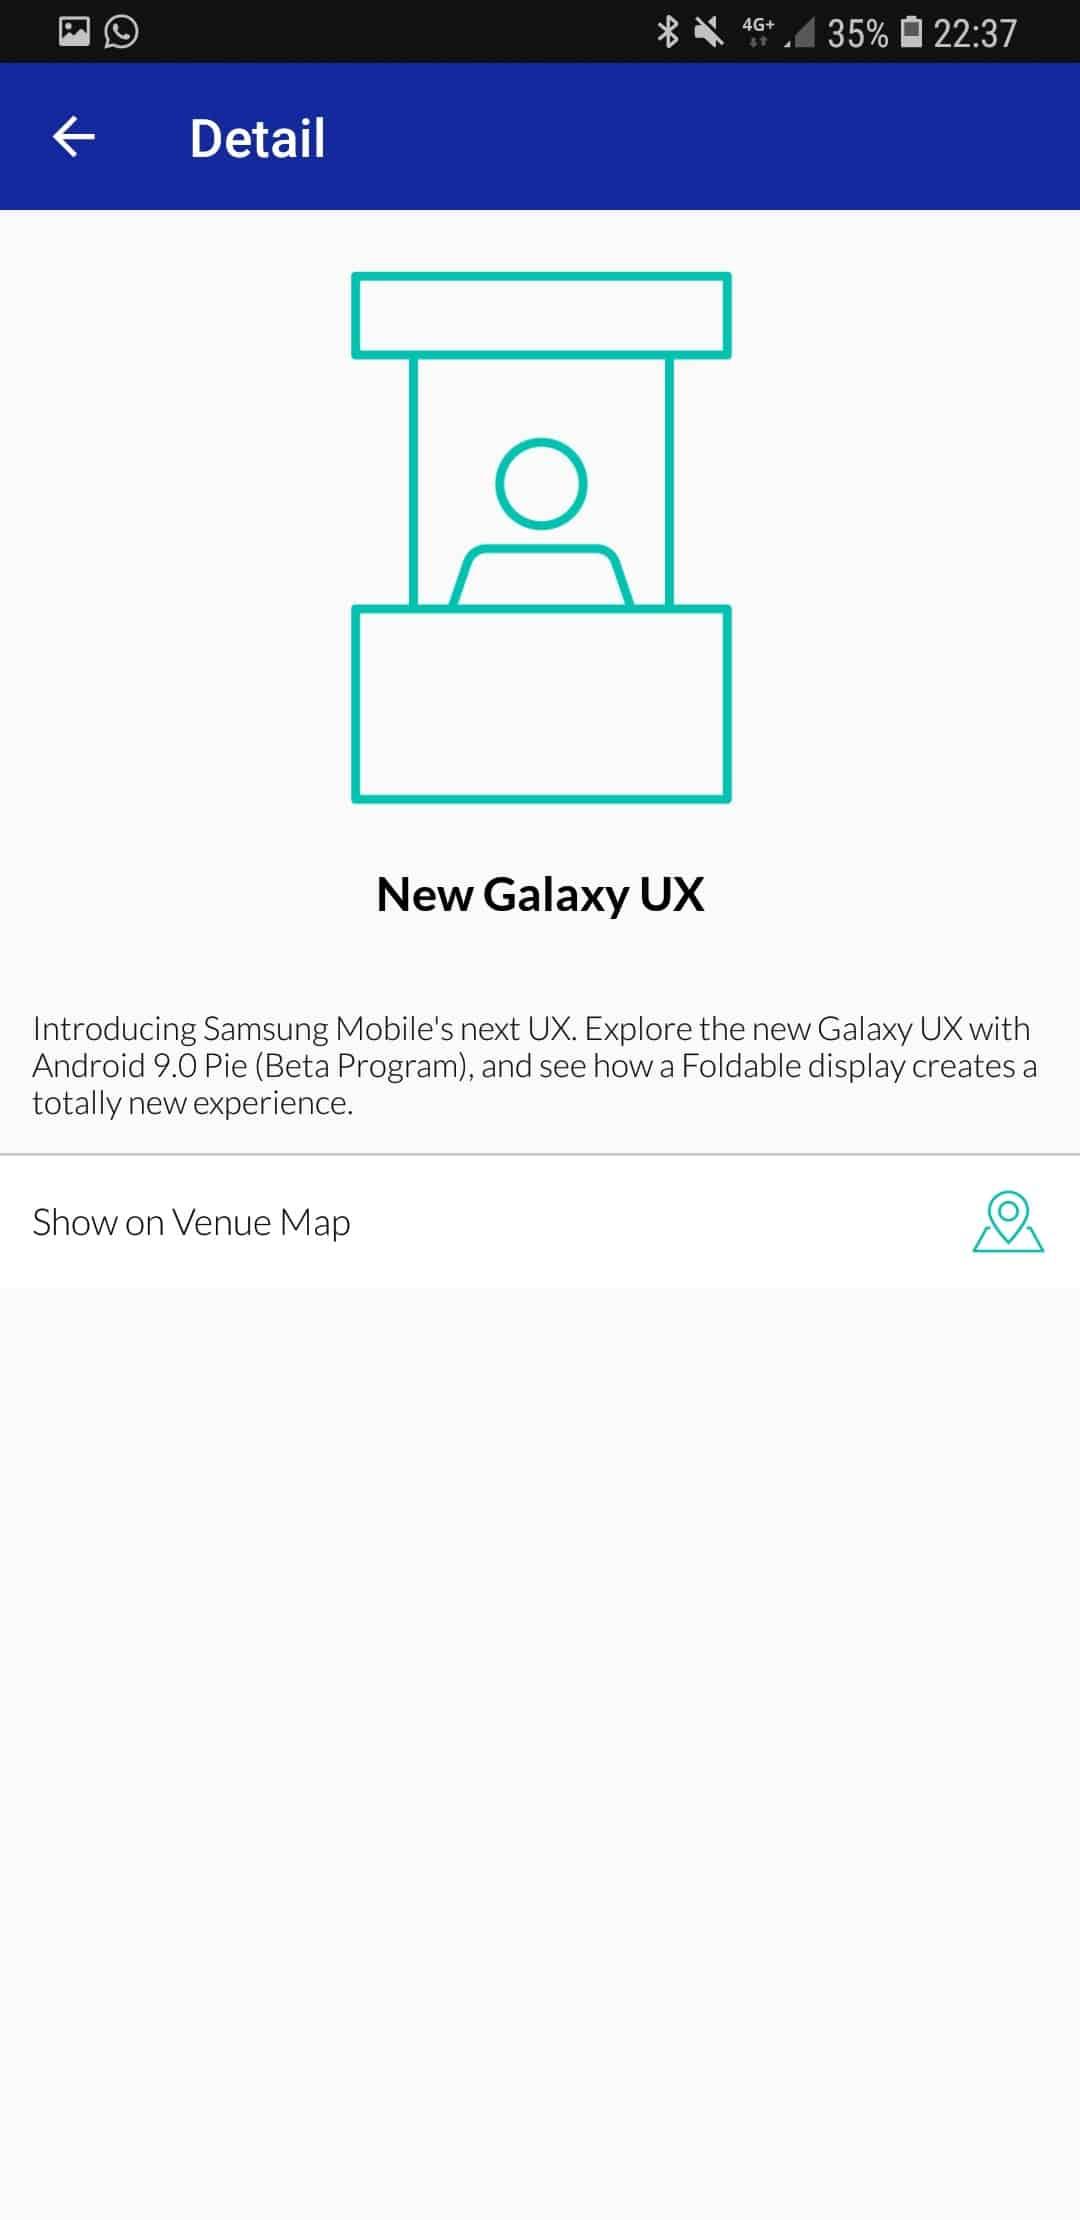 Samsung teléfono plegable - Nueva Galaxy UX